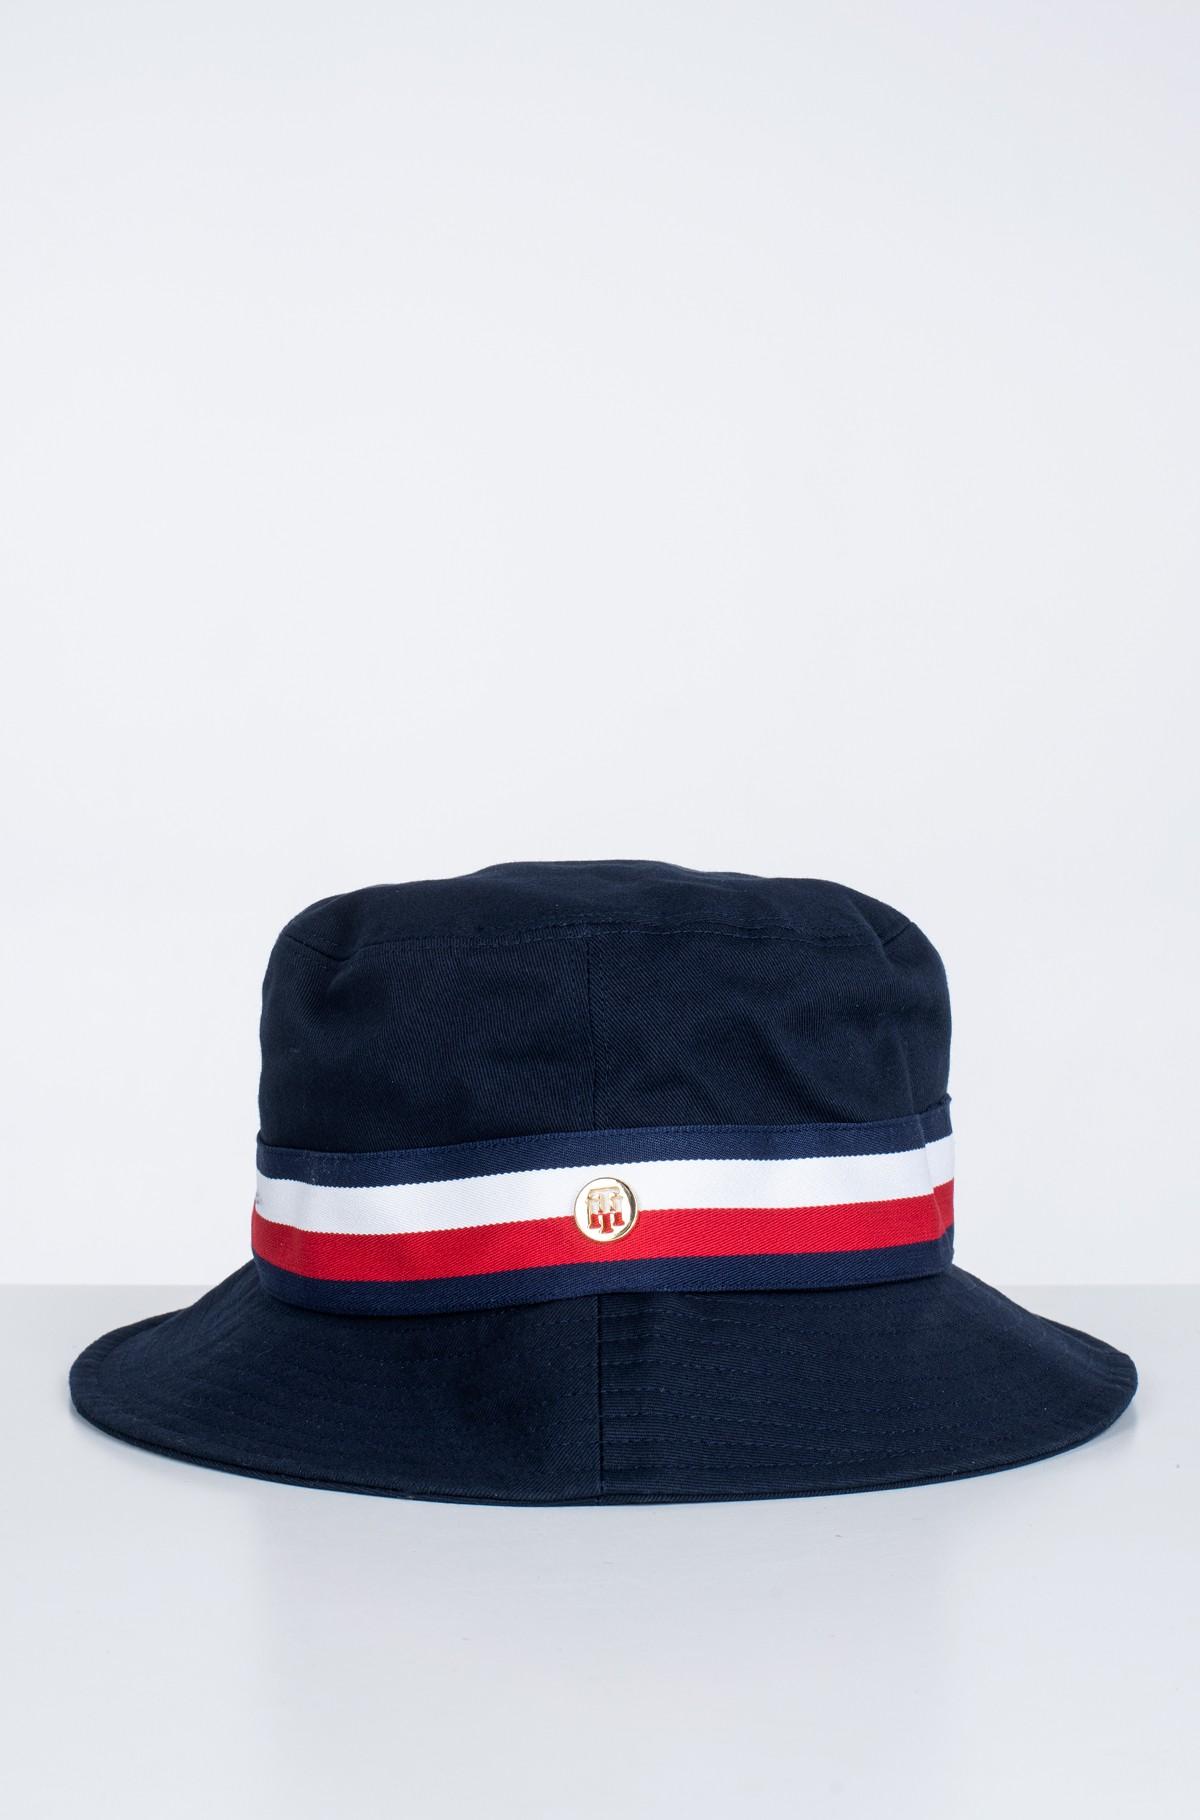 Kepurė POPPY BUCKET-full-1